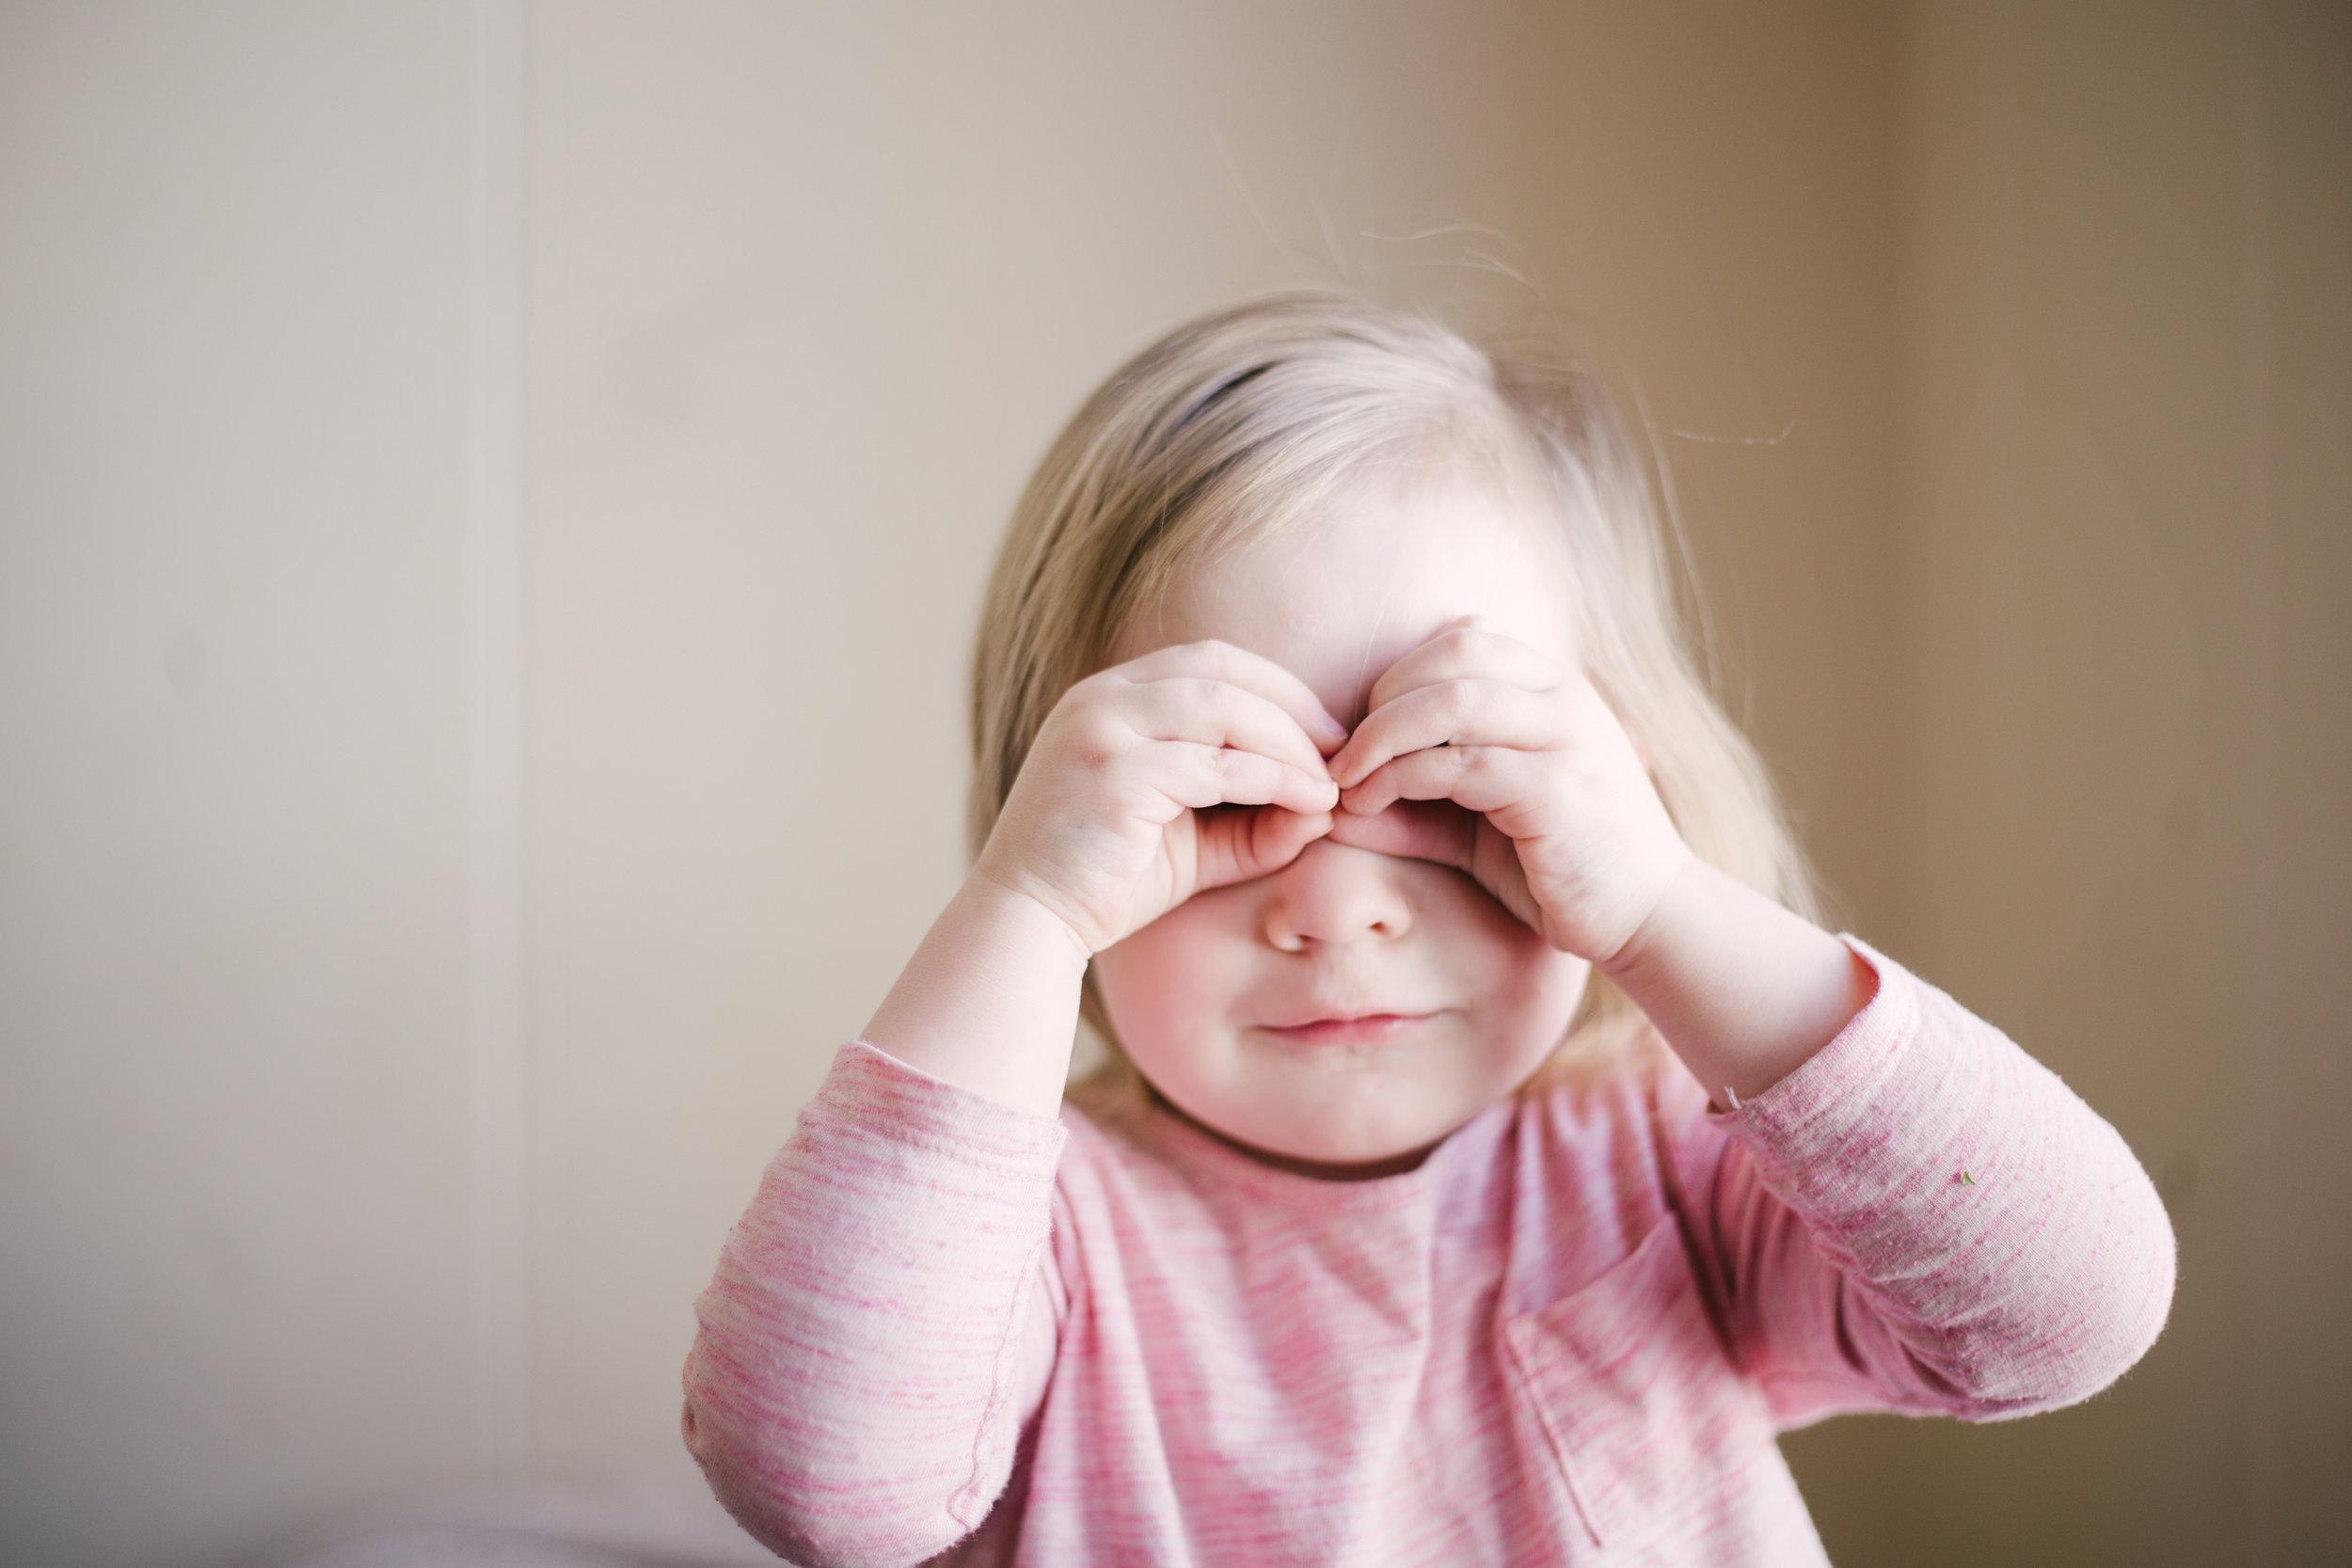 Montana, Pacific Northwest, Lifestyle Photographer - Hazel age 3 - Ashley Tintinger Photography -10.jpg